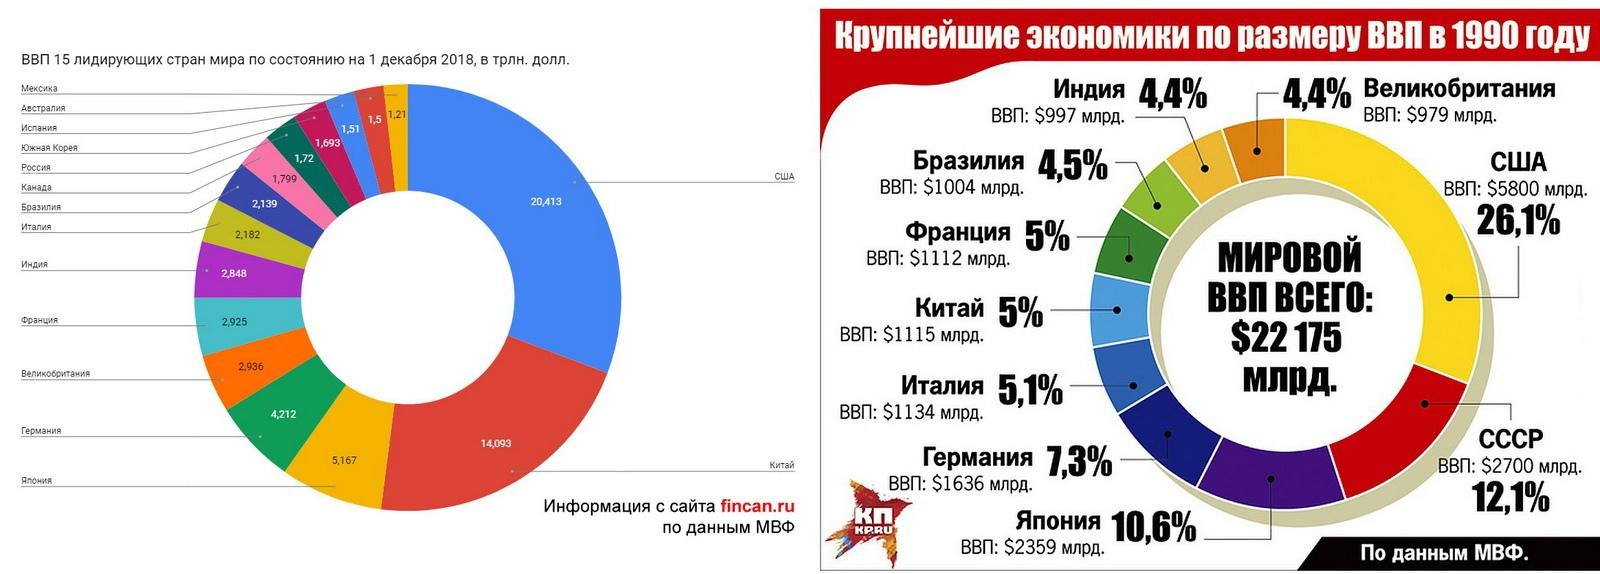 Сравнение экономик России и СССР